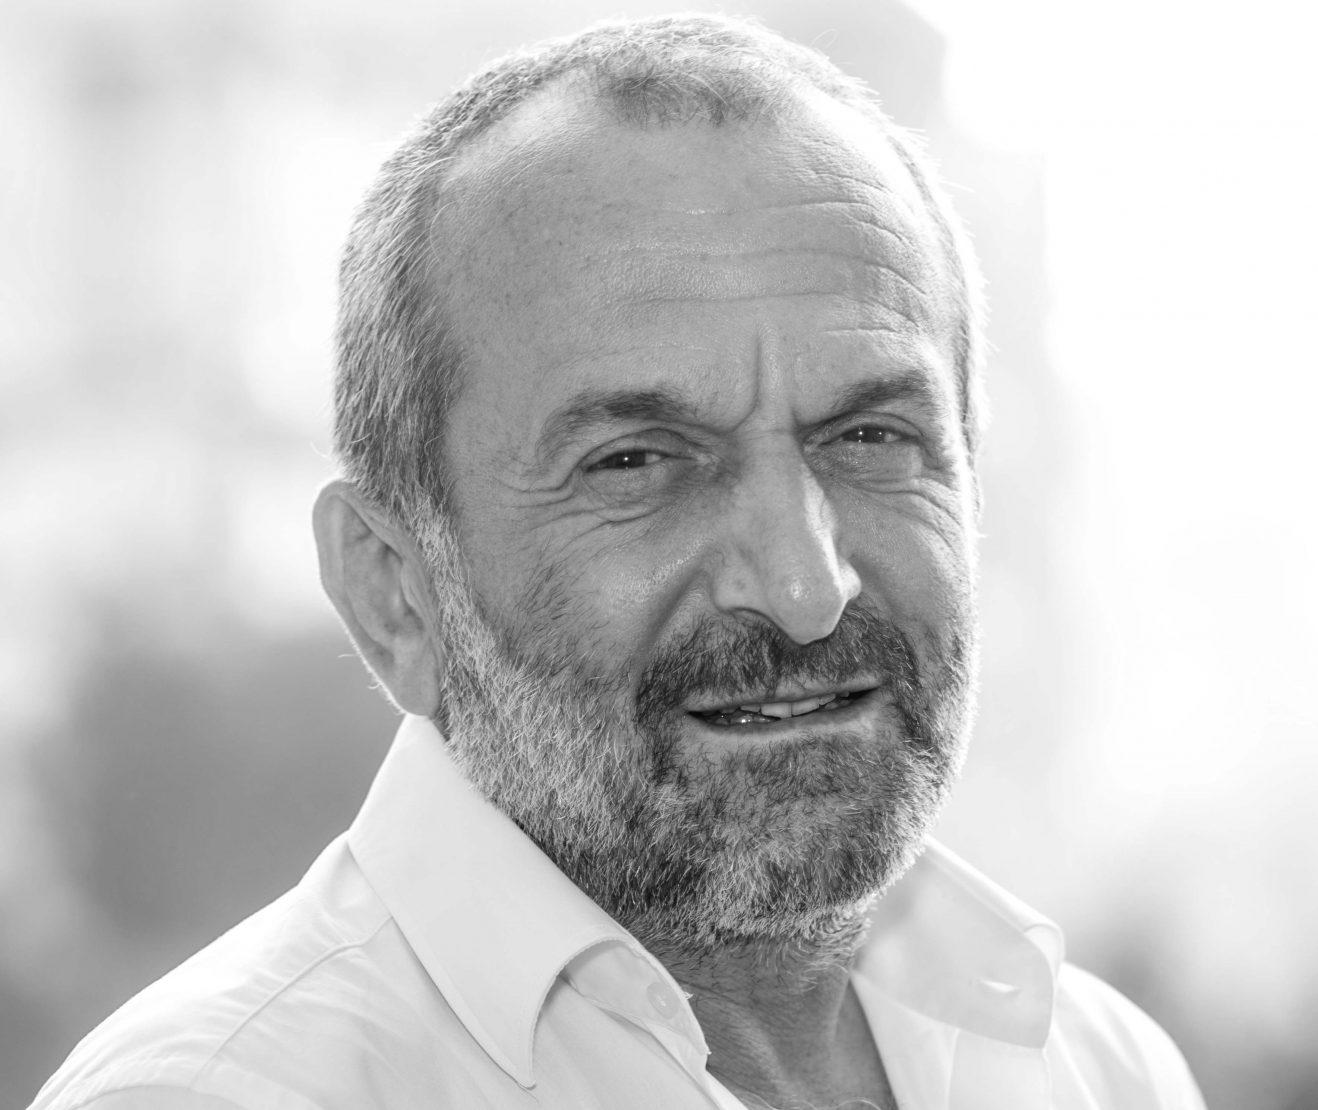 حازم الأمين - صحافي وكاتب لبناني